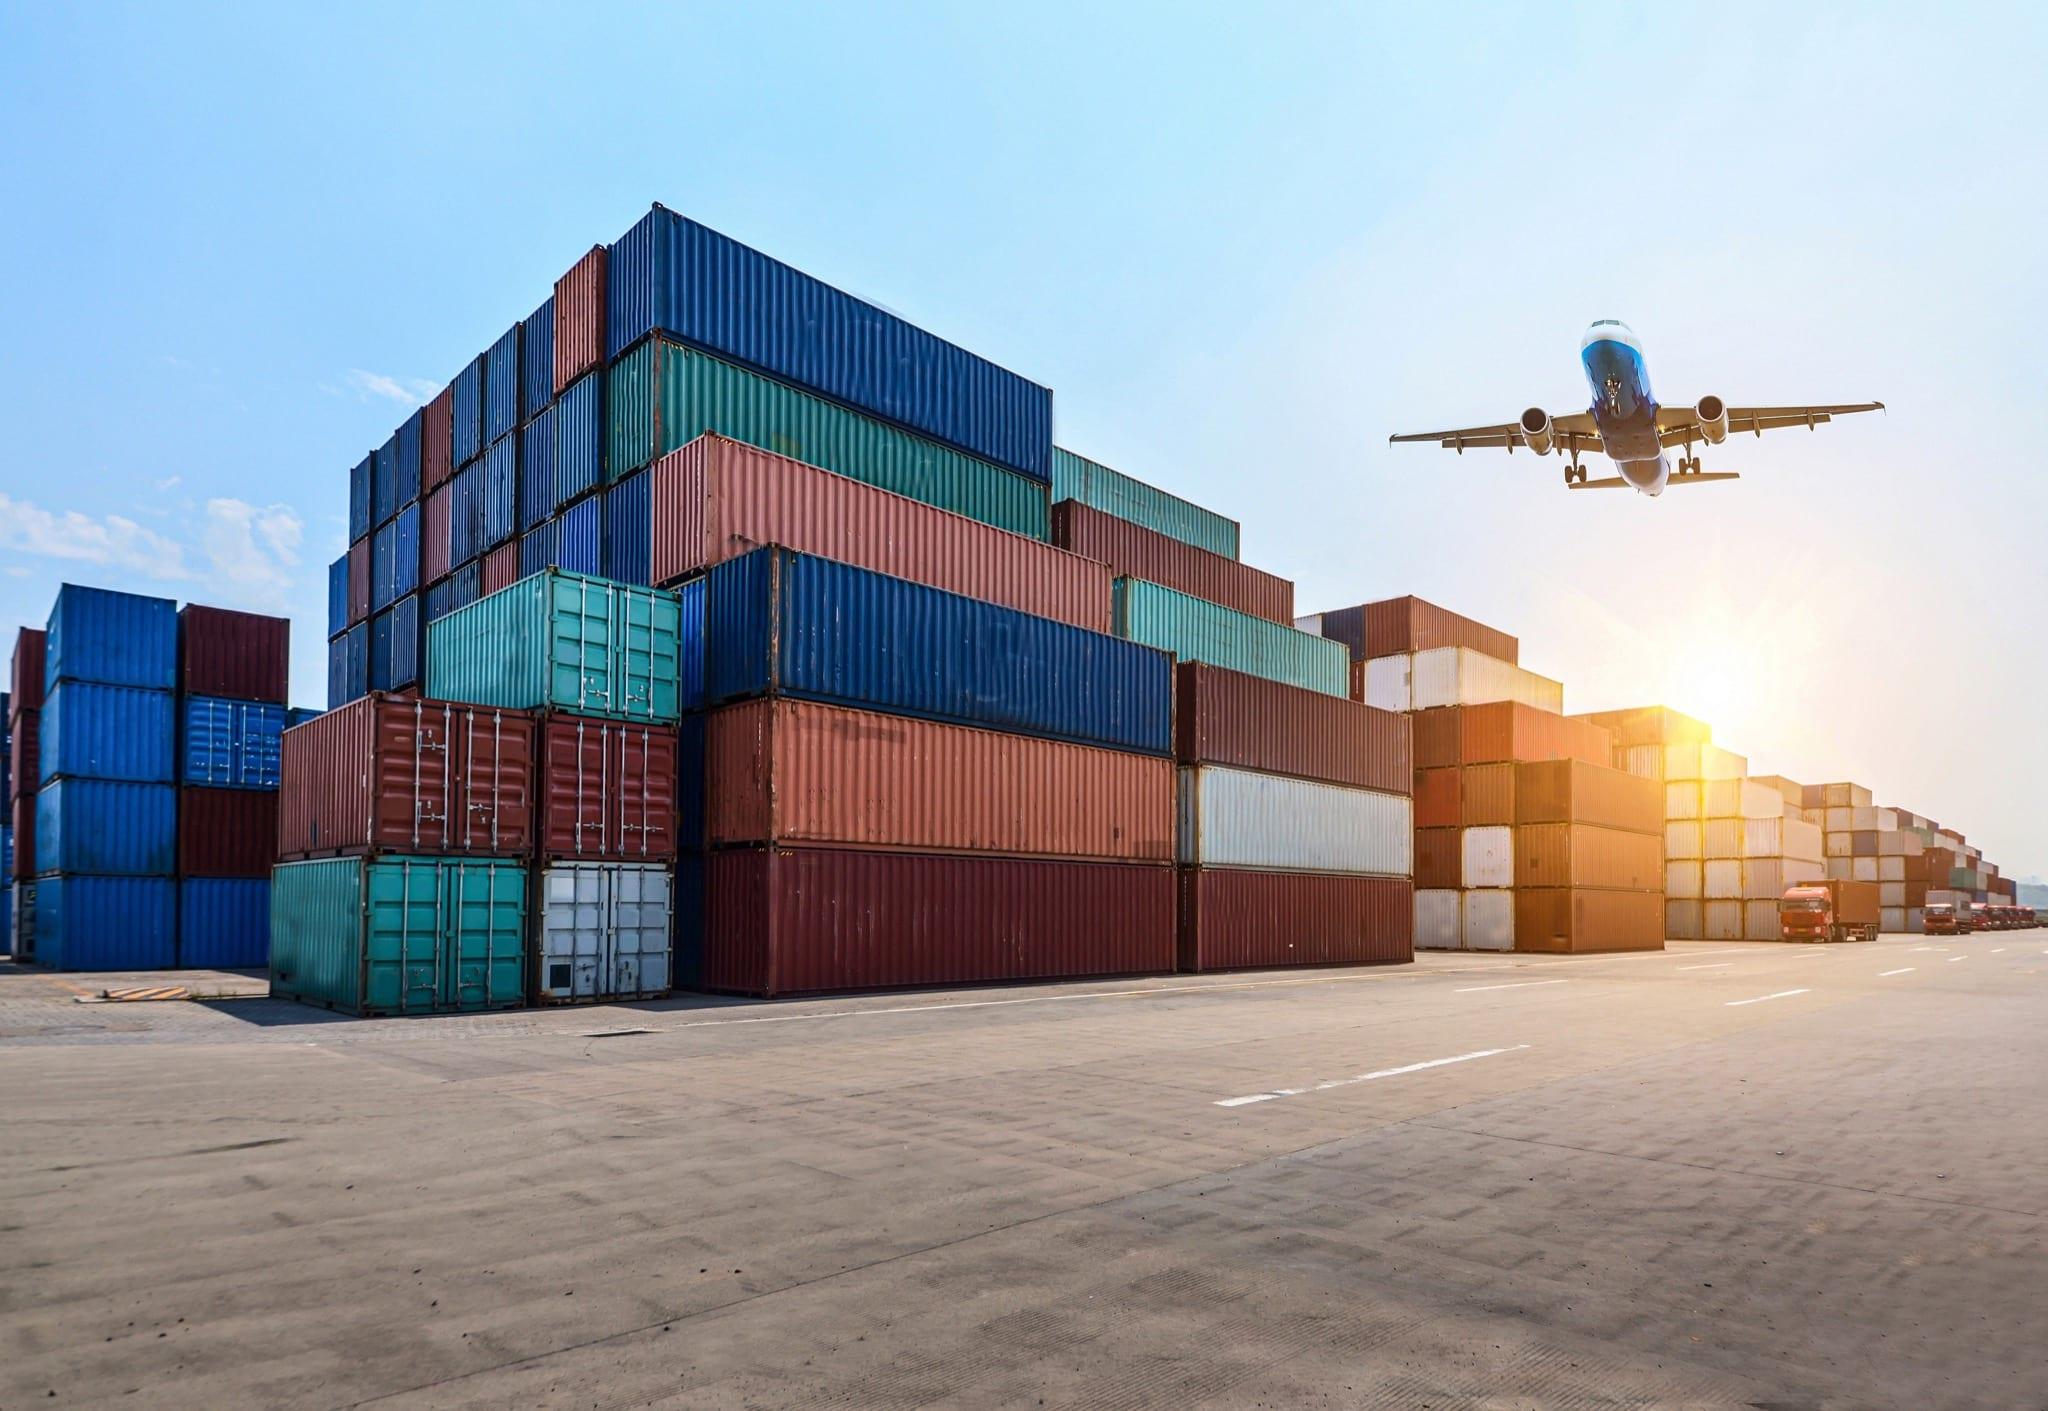 1200 copy - Tranzacție: CTP cumpără Equest Logistic Park cu 30 de milioane de euro